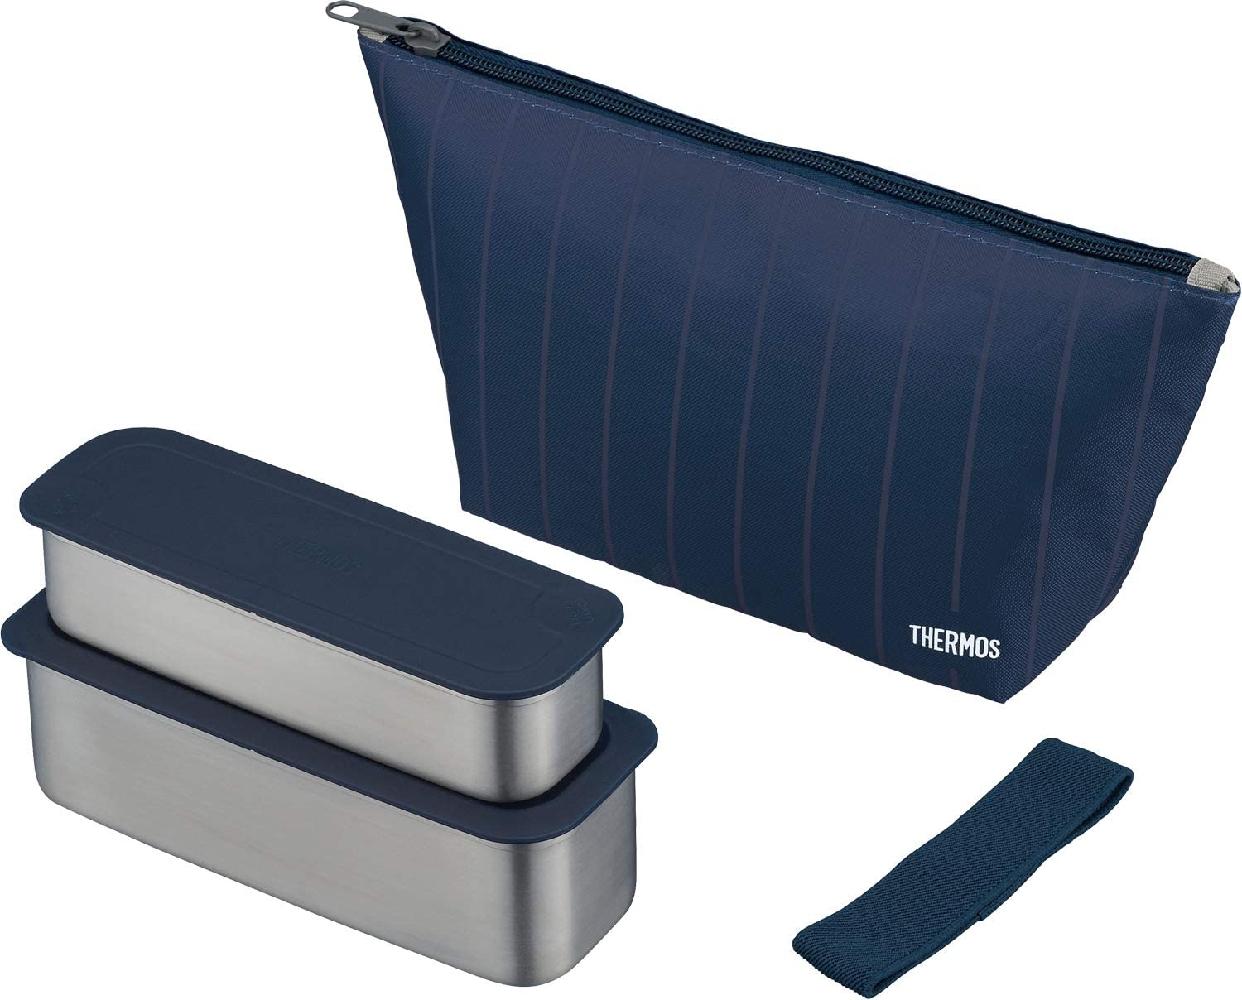 THERMOS(サーモス) フレッシュランチボックス 二段式 635ml DSA-603Wの商品画像